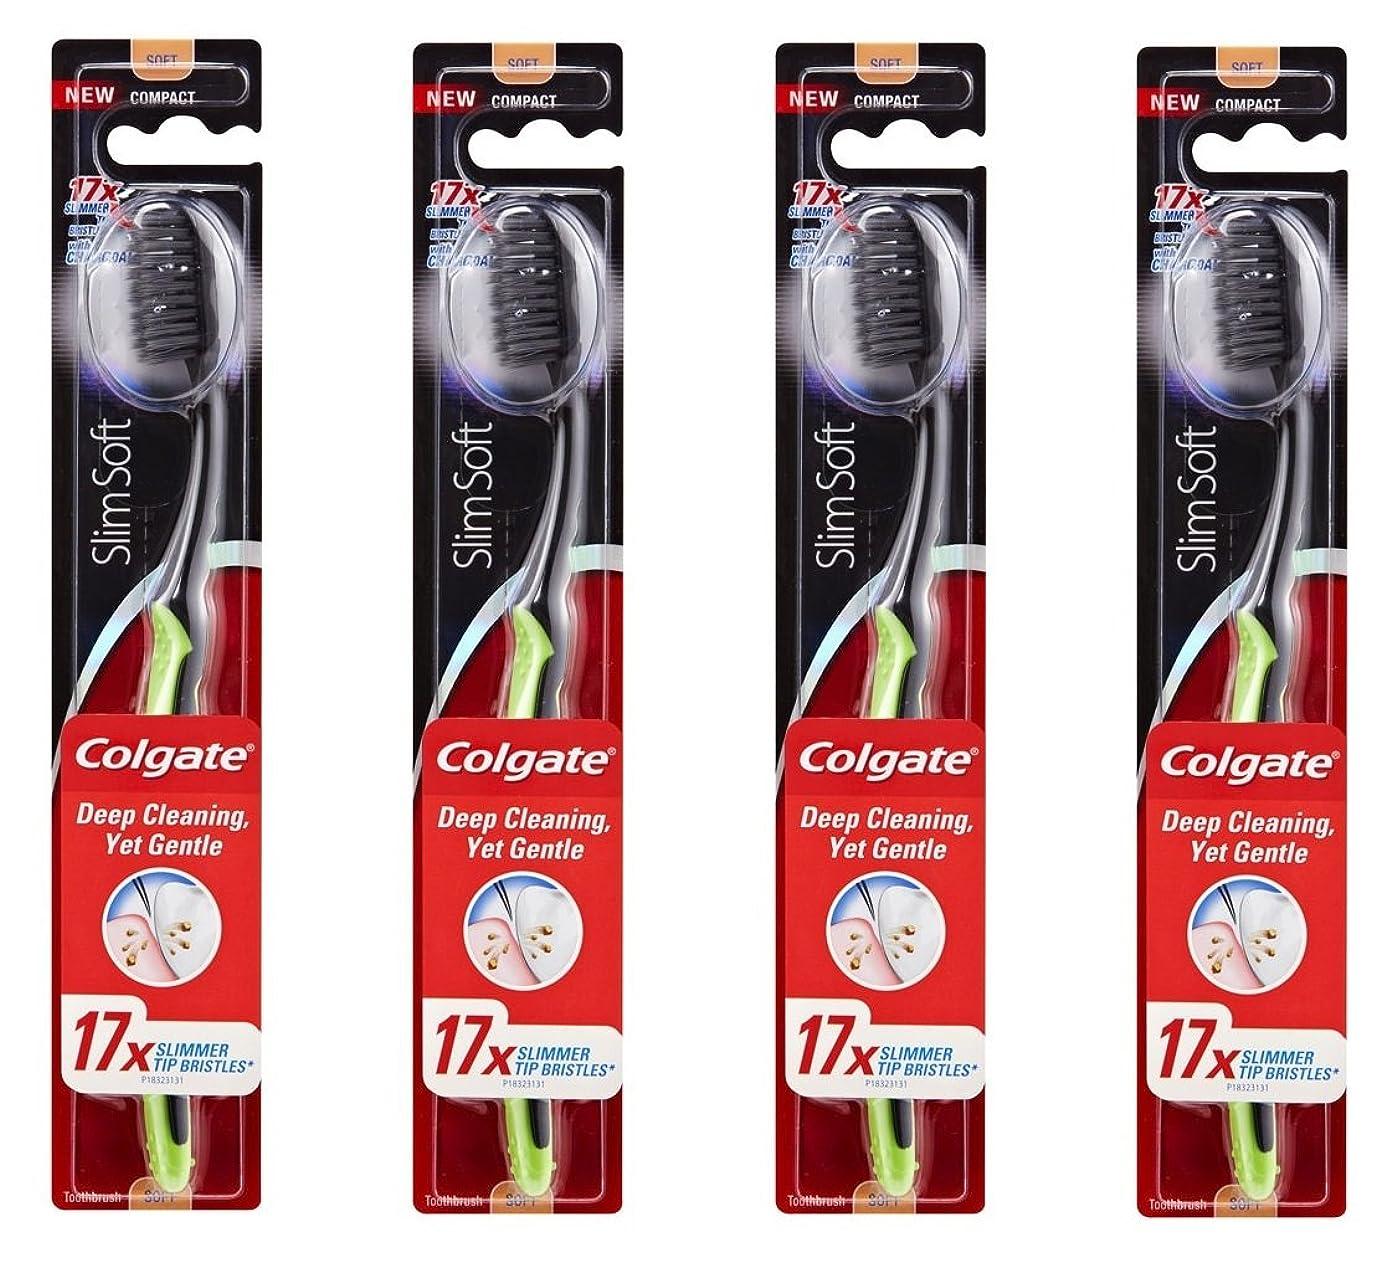 ジョガー等振りかけるColgate Slim Soft Charcoal 木炭毛 スリム、ソフト 4個 [並行輸入品]